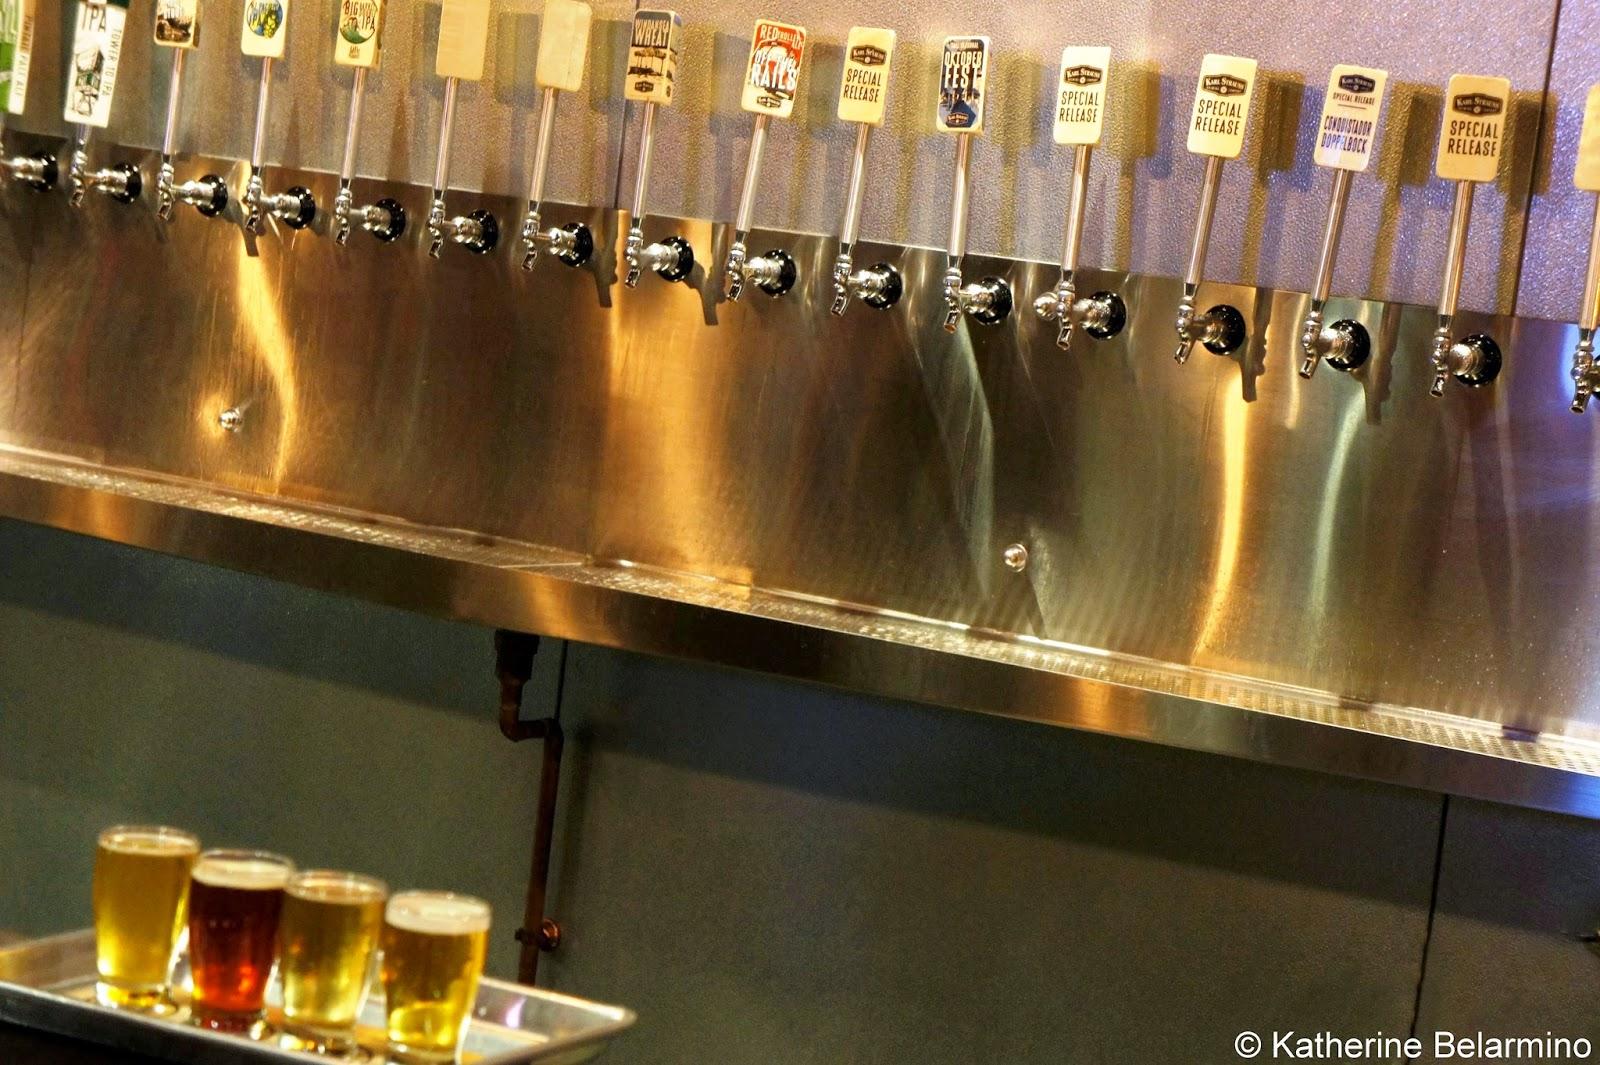 Karl Strauss Brewery Tasting Room Beers